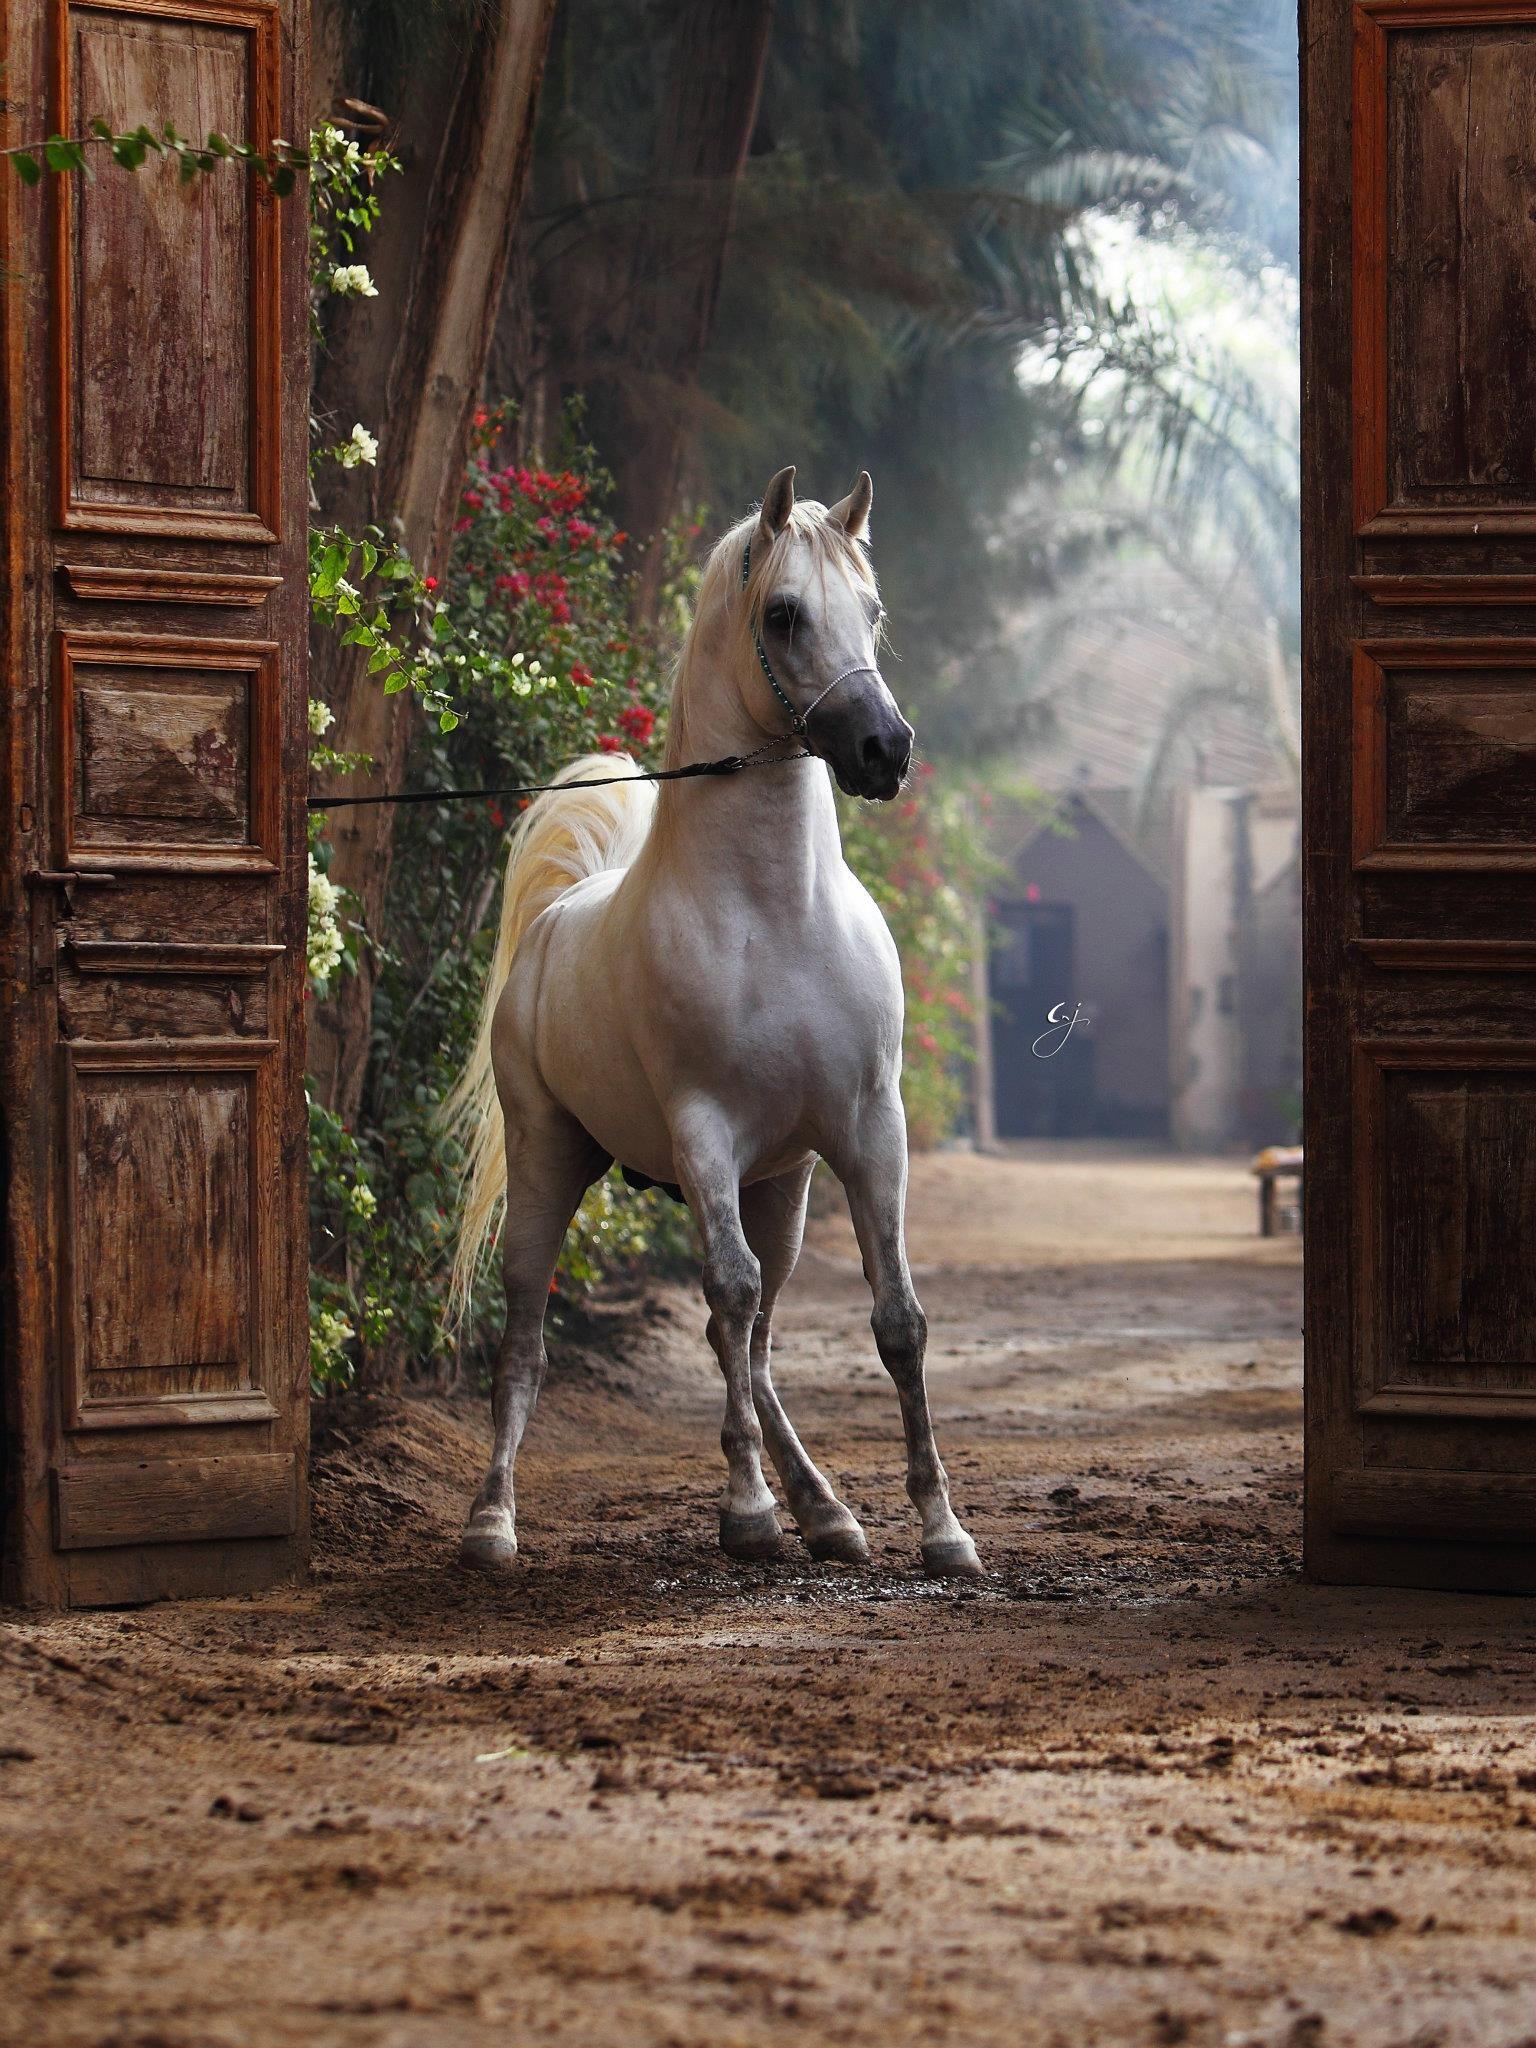 предложением создать картинки с лошадьми делать, чтобы